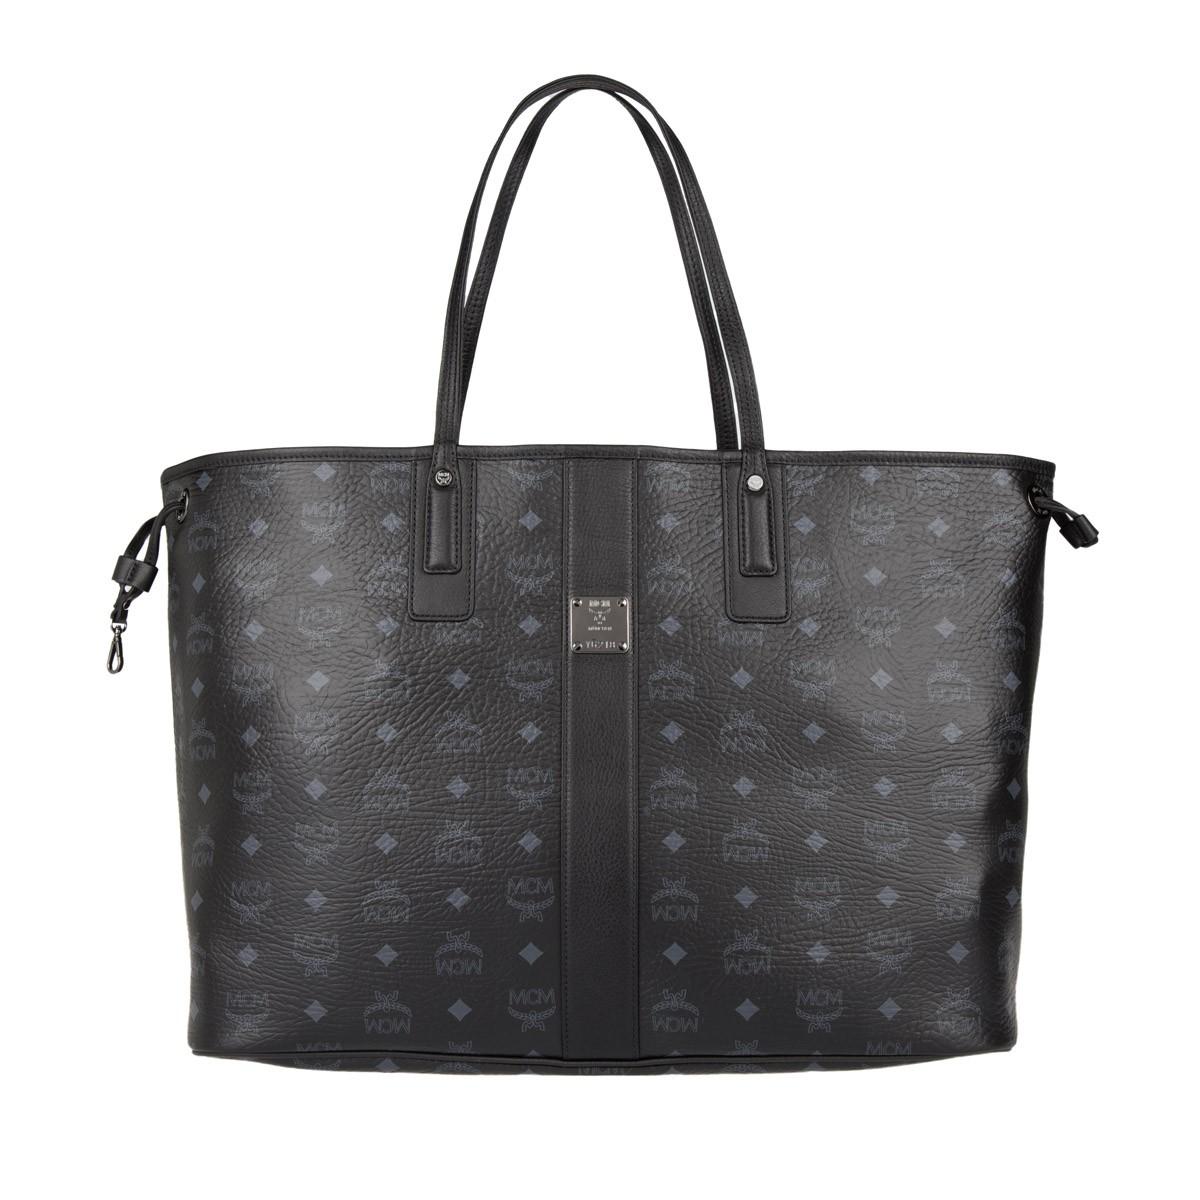 MCM Shopper - Project Visetos Reversible Shopper Large Black - in grau - für Damen